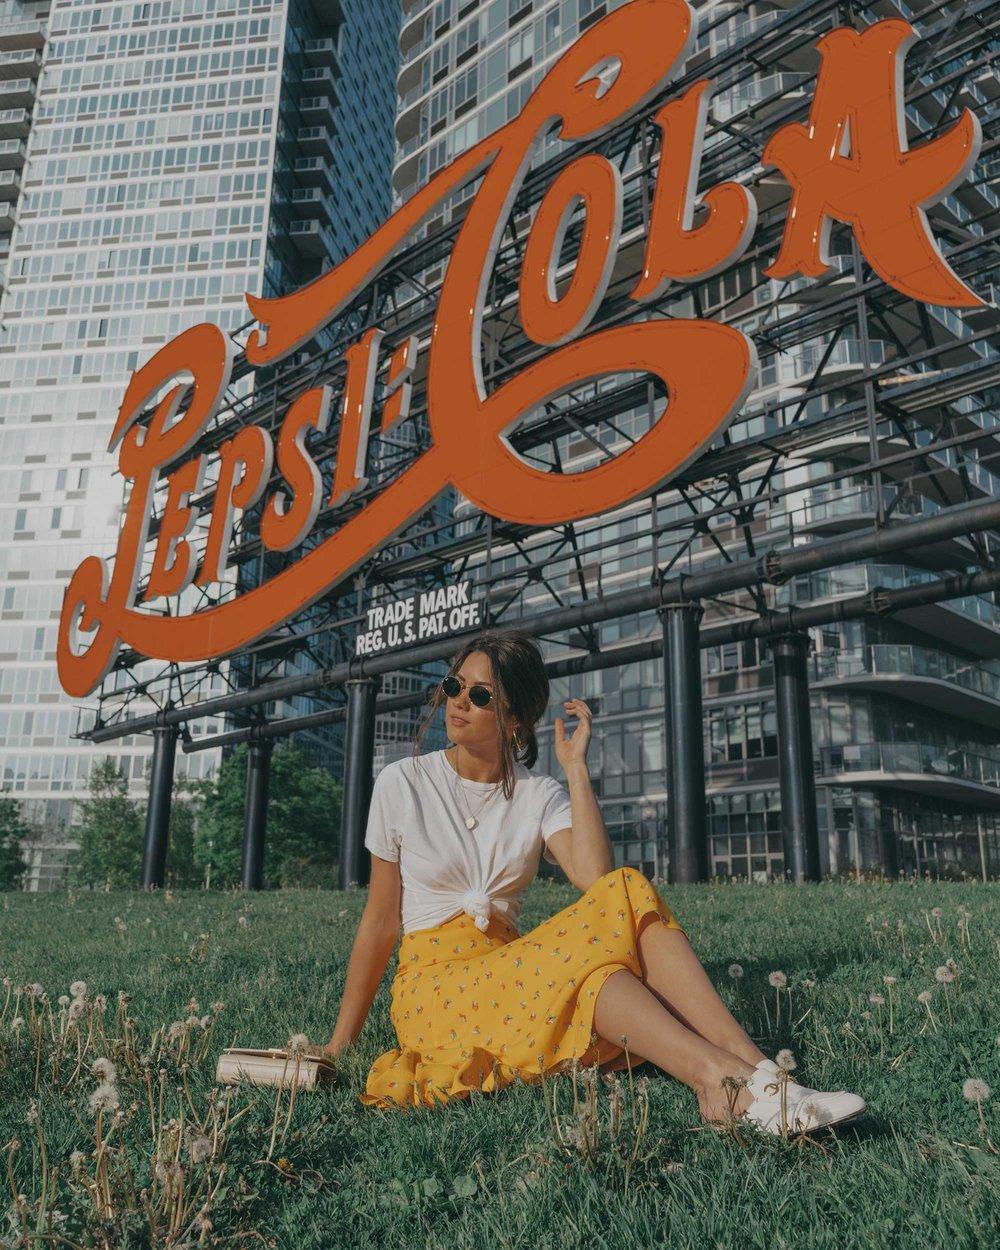 yellow floral midi skirt pepsi cola sign long island city8.jpg